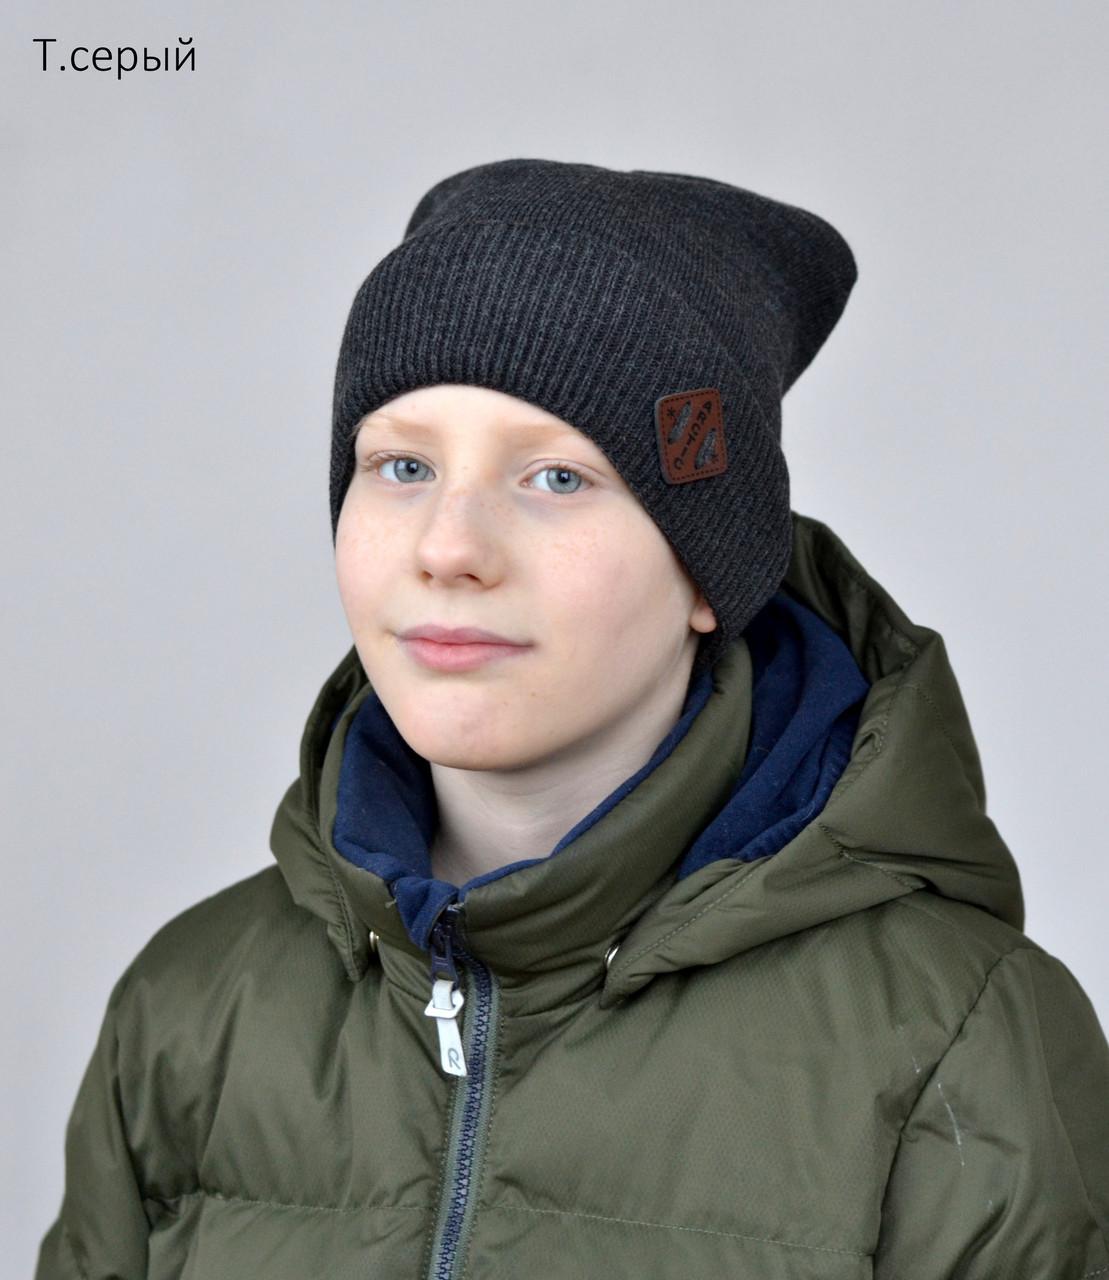 Шапка для мальчика подростка на весну